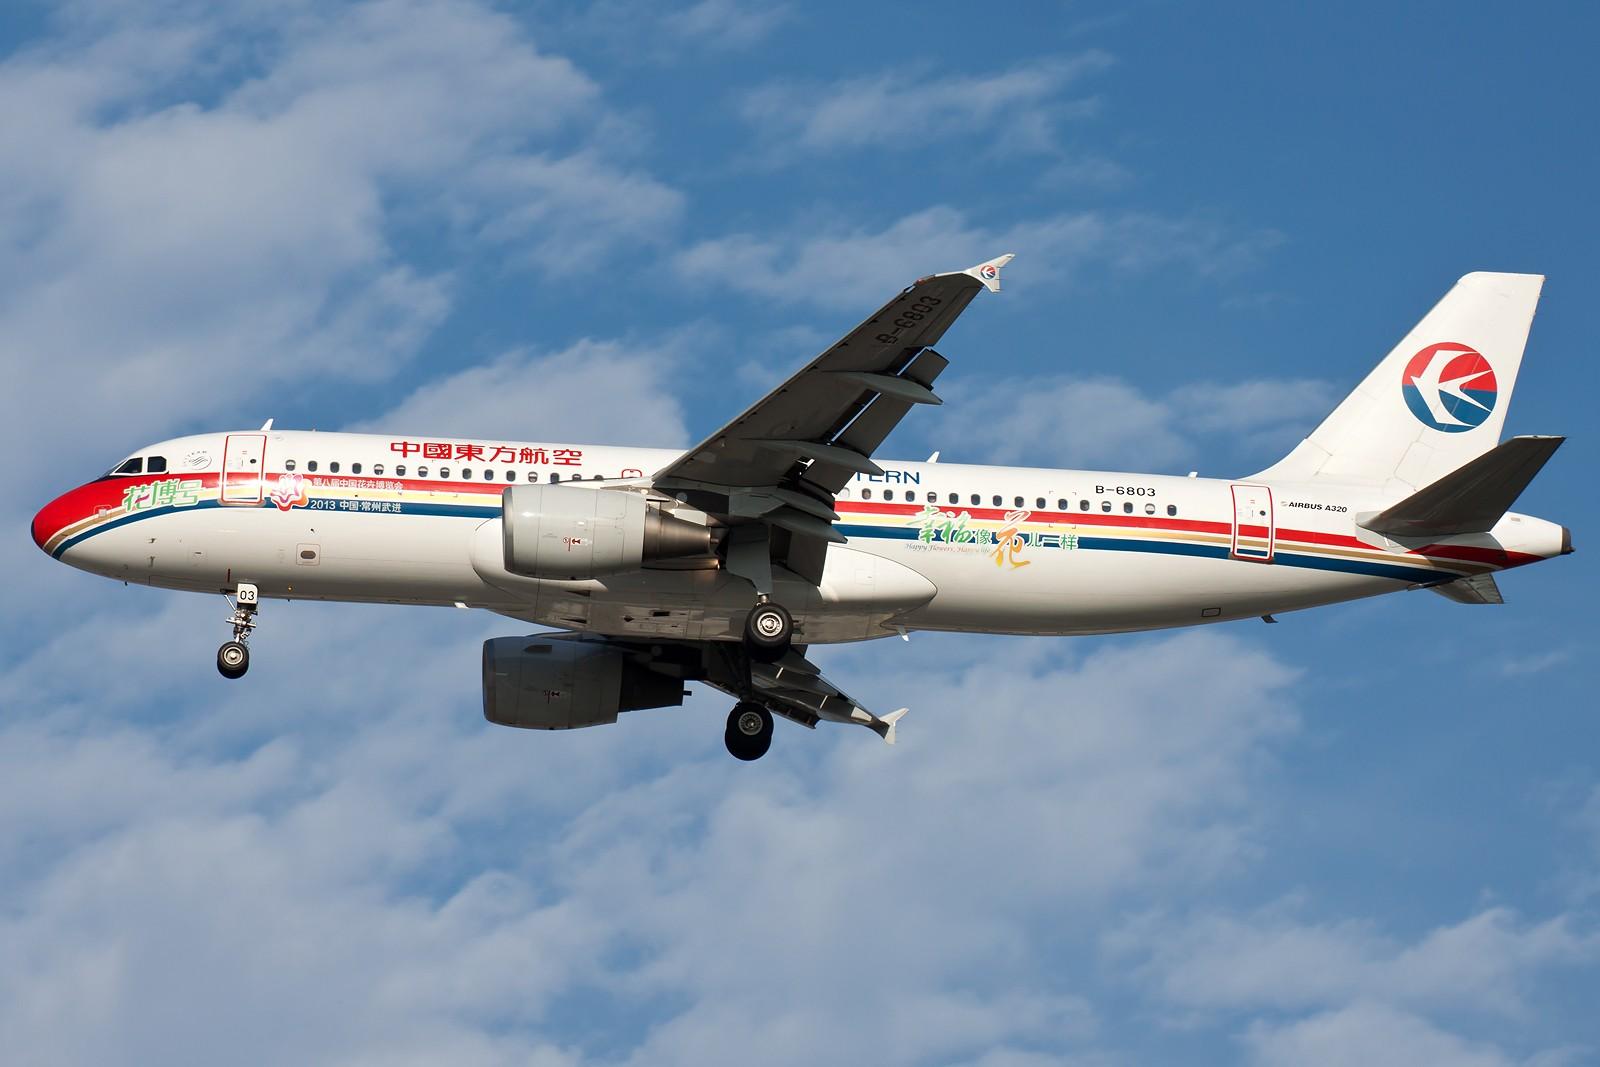 Re:[原创]求好天儿... [10pics] AIRBUS A320-200 B-6803 中国北京首都国际机场